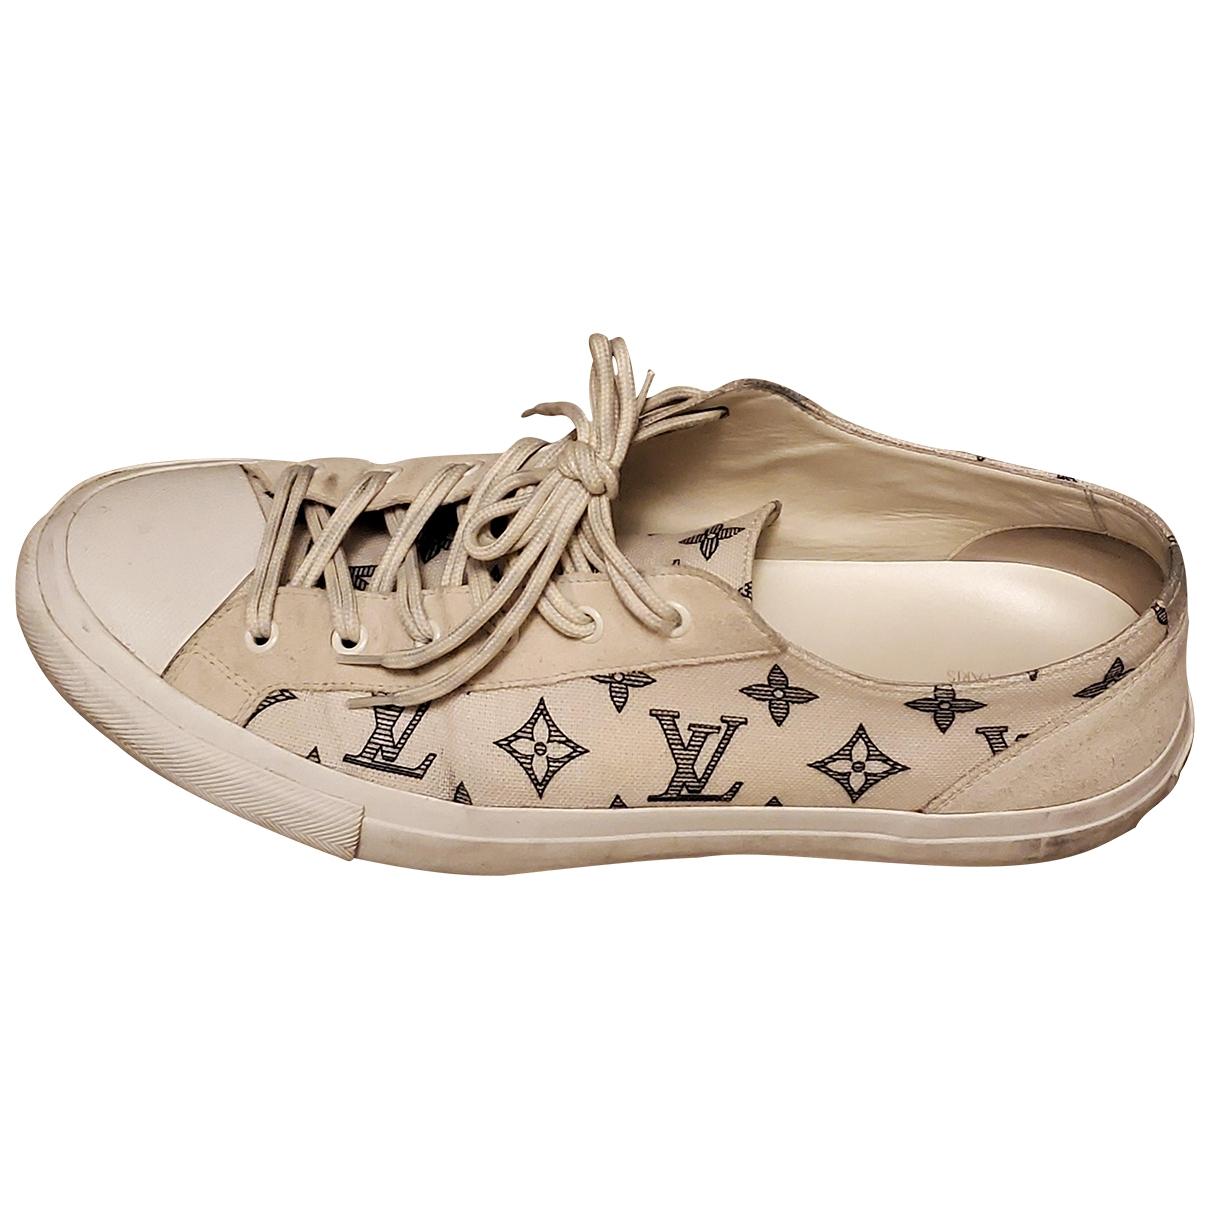 Louis Vuitton - Baskets   pour homme en toile - ecru